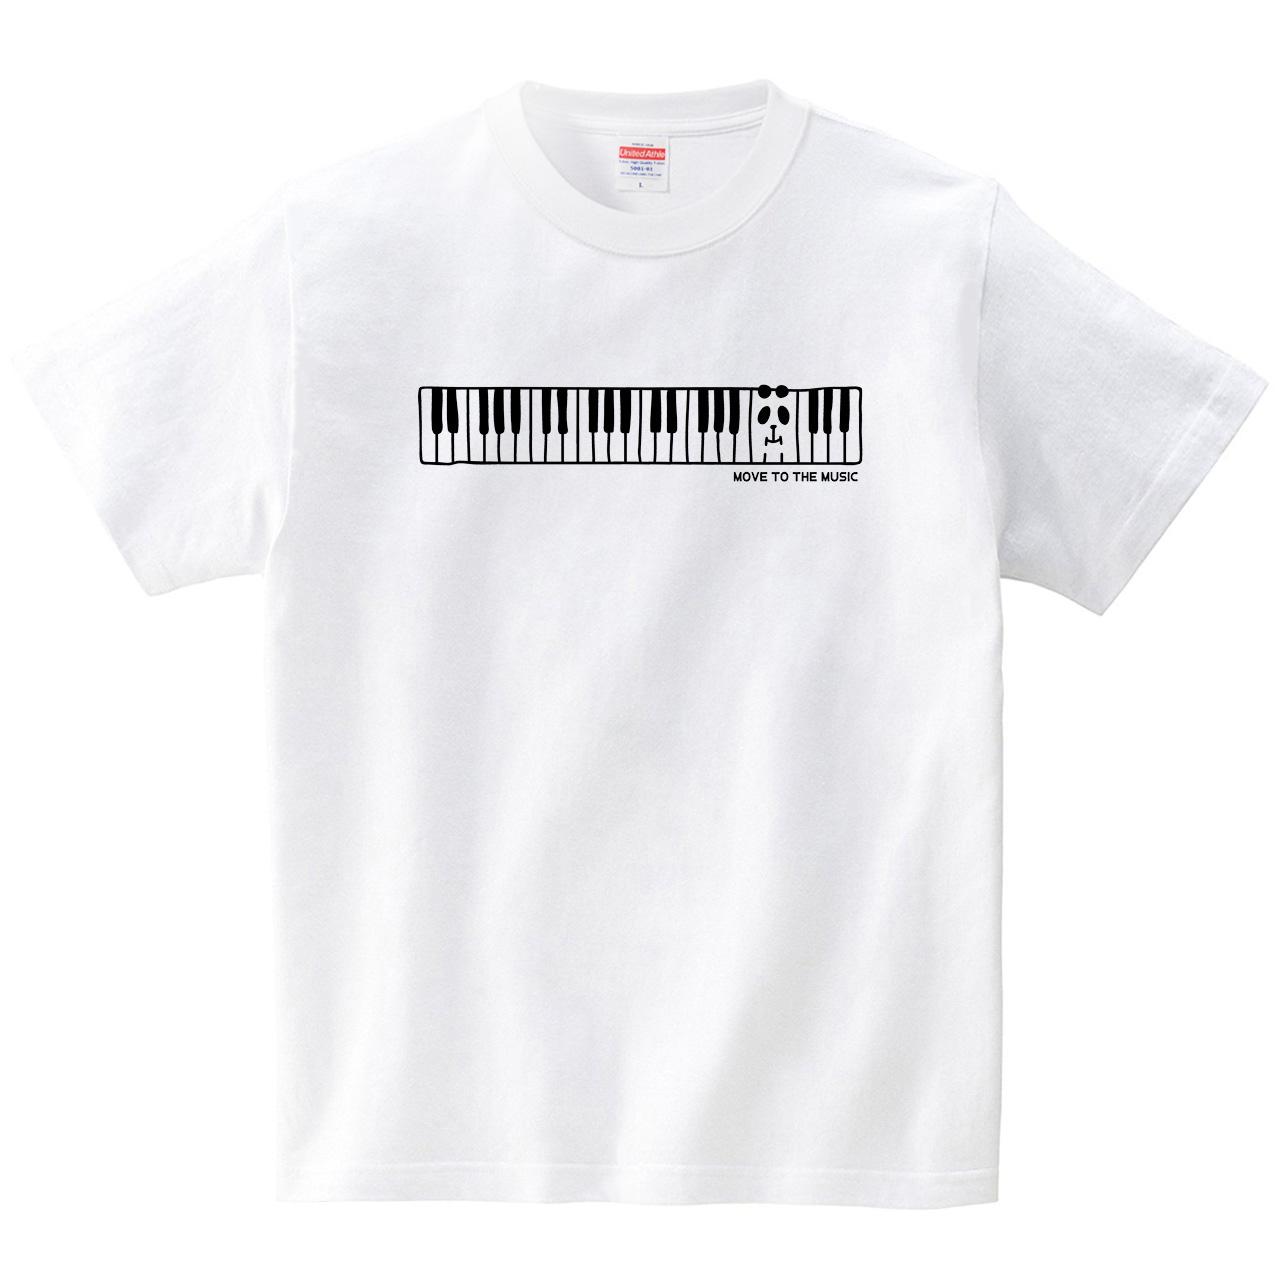 鍵盤にパンダ(Tシャツ・ホワイト)(オワリ)